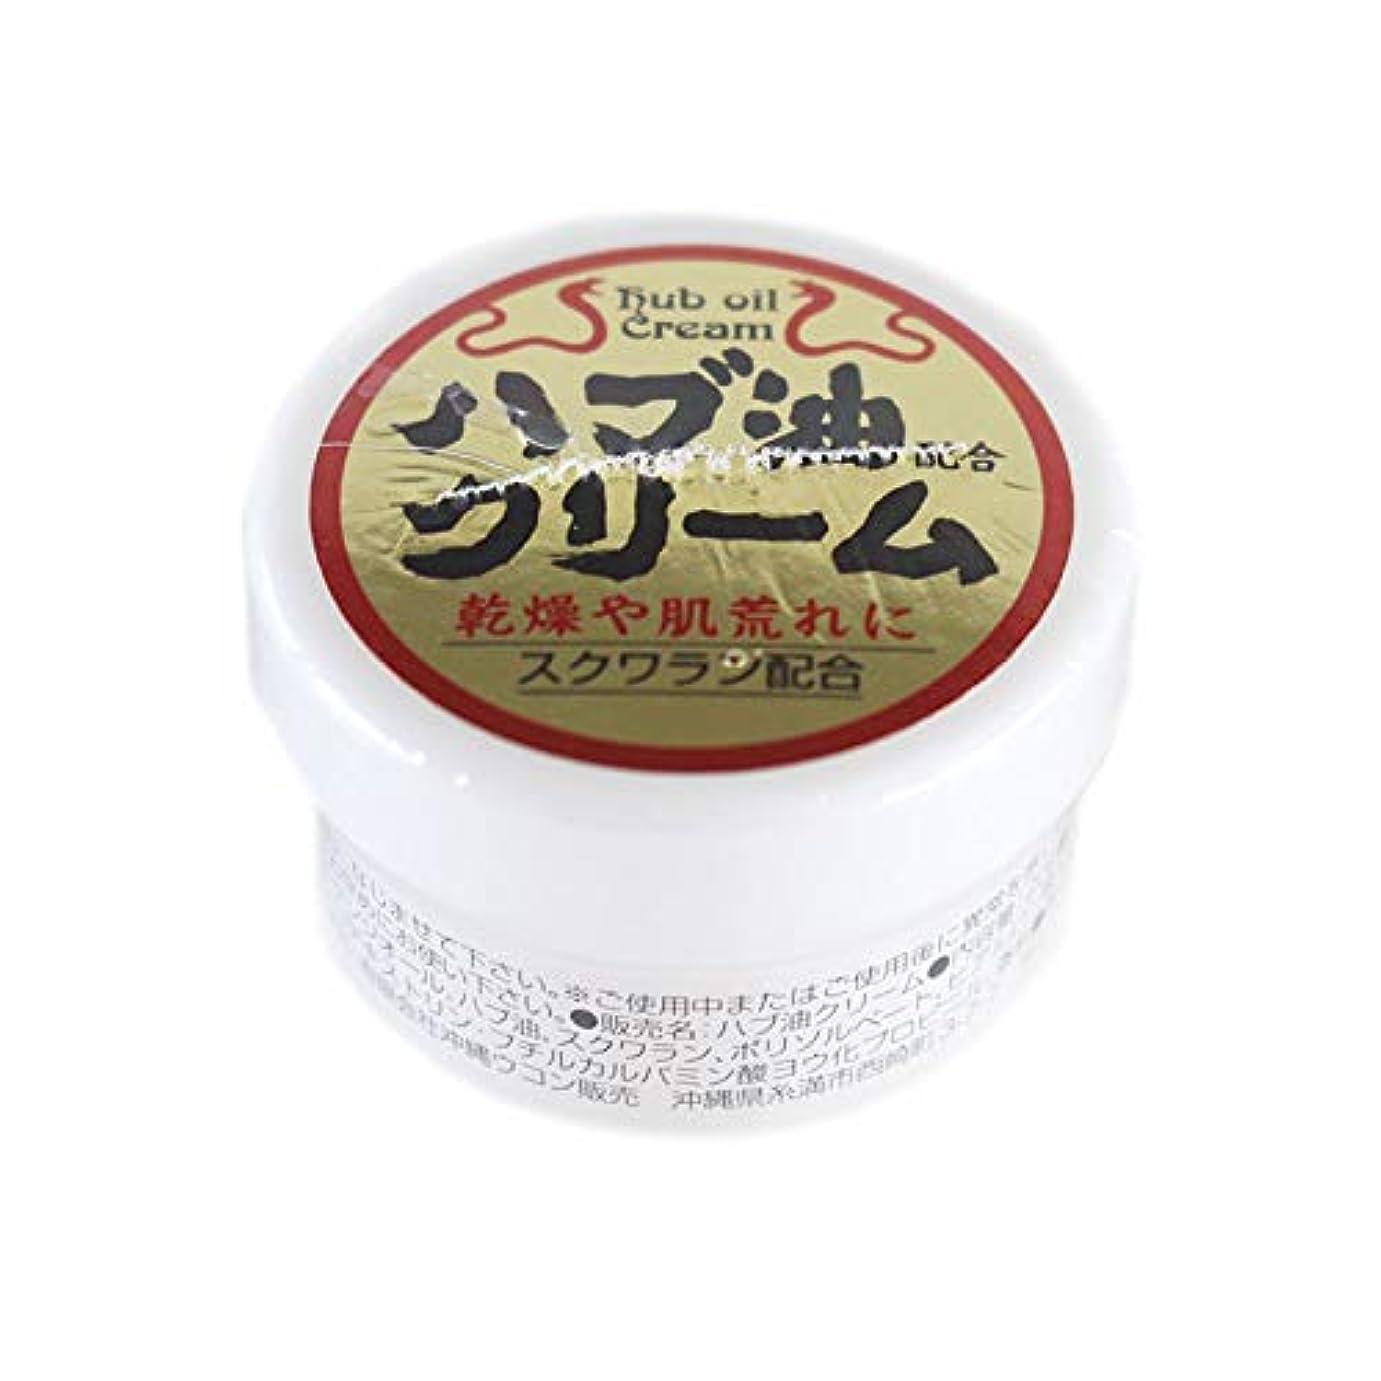 ハブ油配合クリーム 1個【1個?20g】